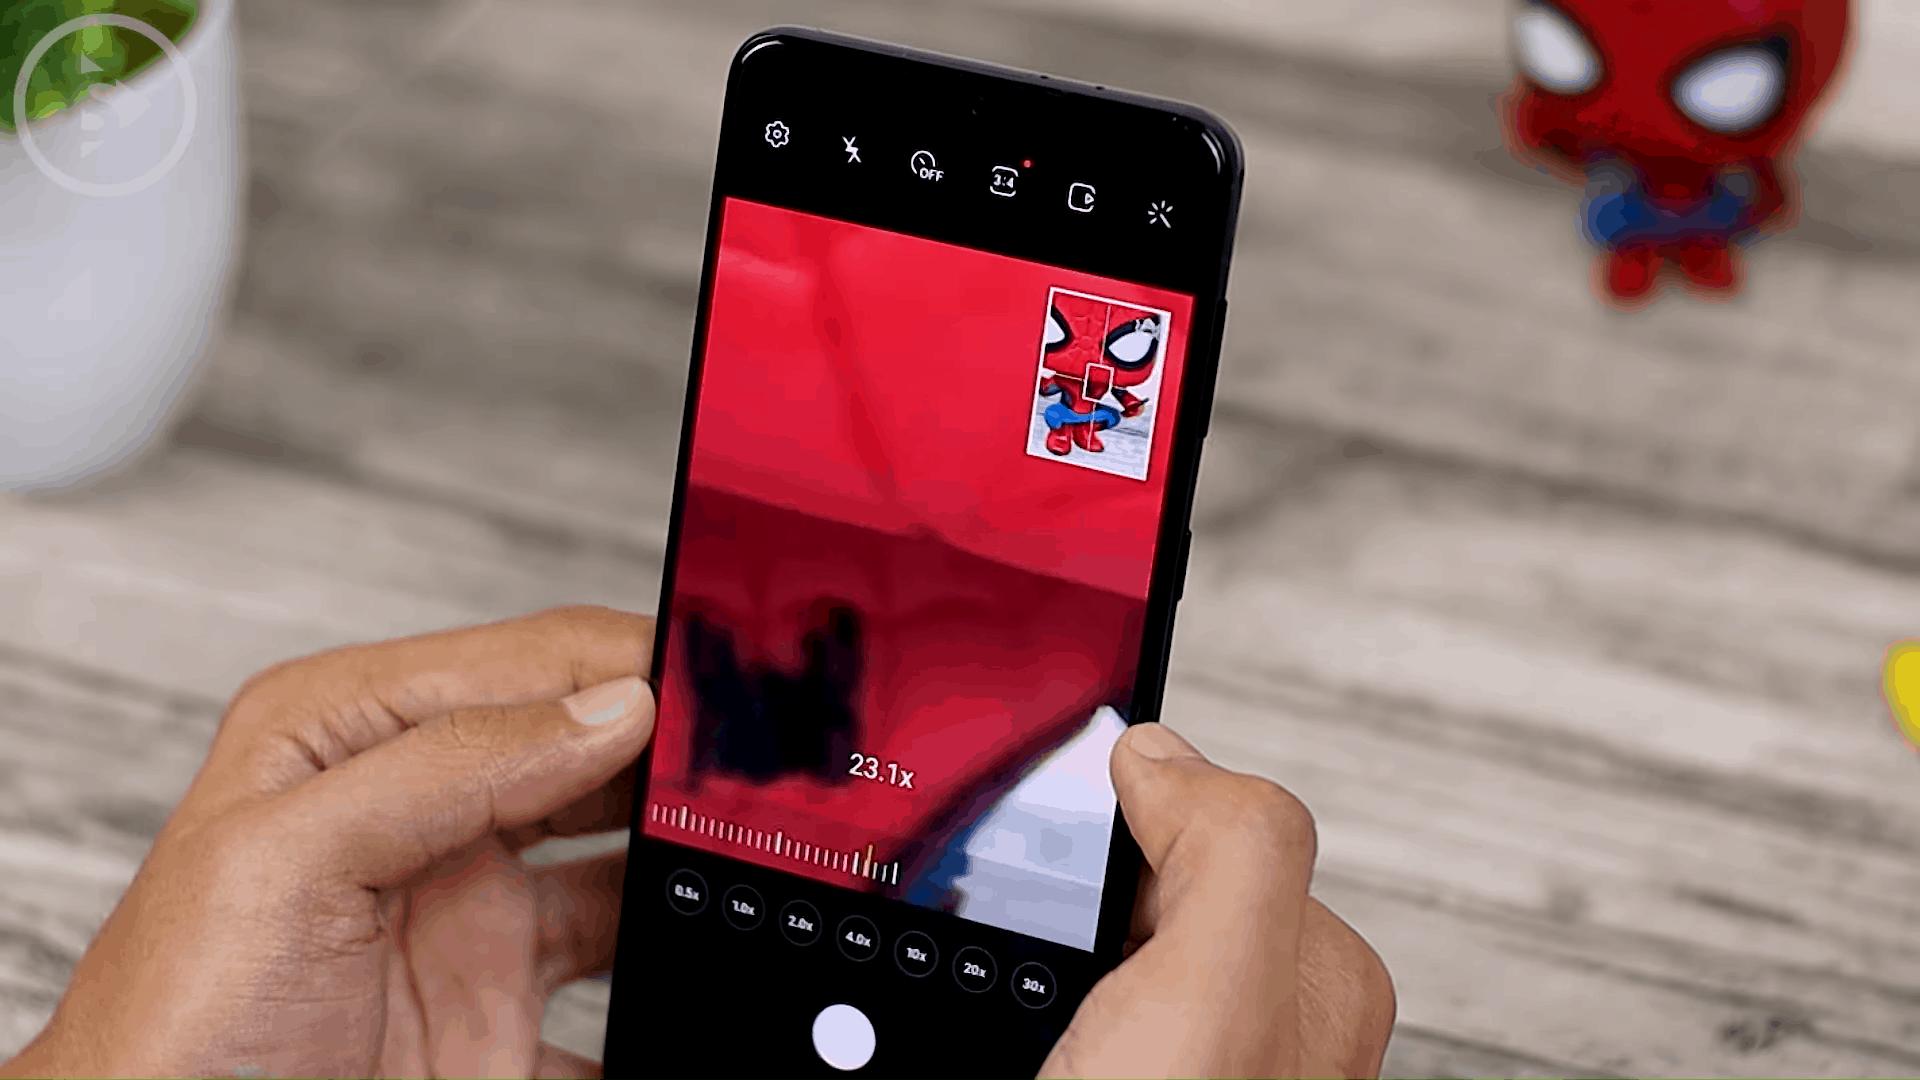 30x Zoom - Cek Fitur Terbaru One UI 3.1 di Samsung S21+ yang Belum Tersedia di One UI 3.0 Samsung S20+ (PART 2)